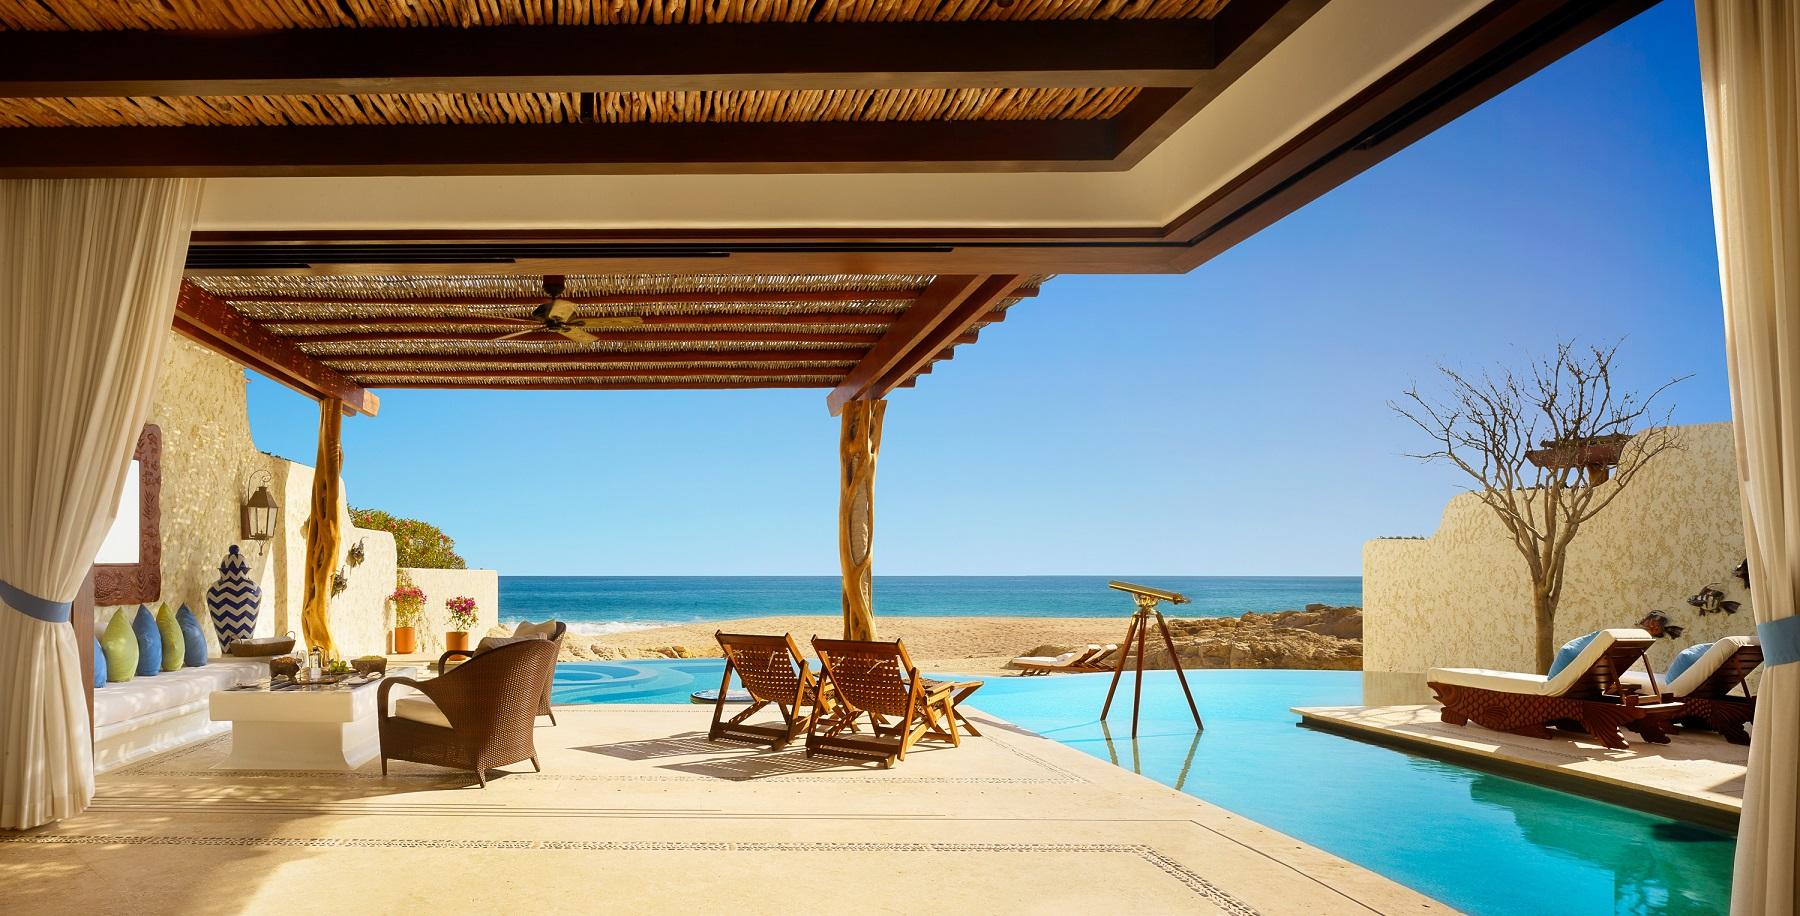 Alan in Los Cabos - Wayne Pollock Exclusive Luxury